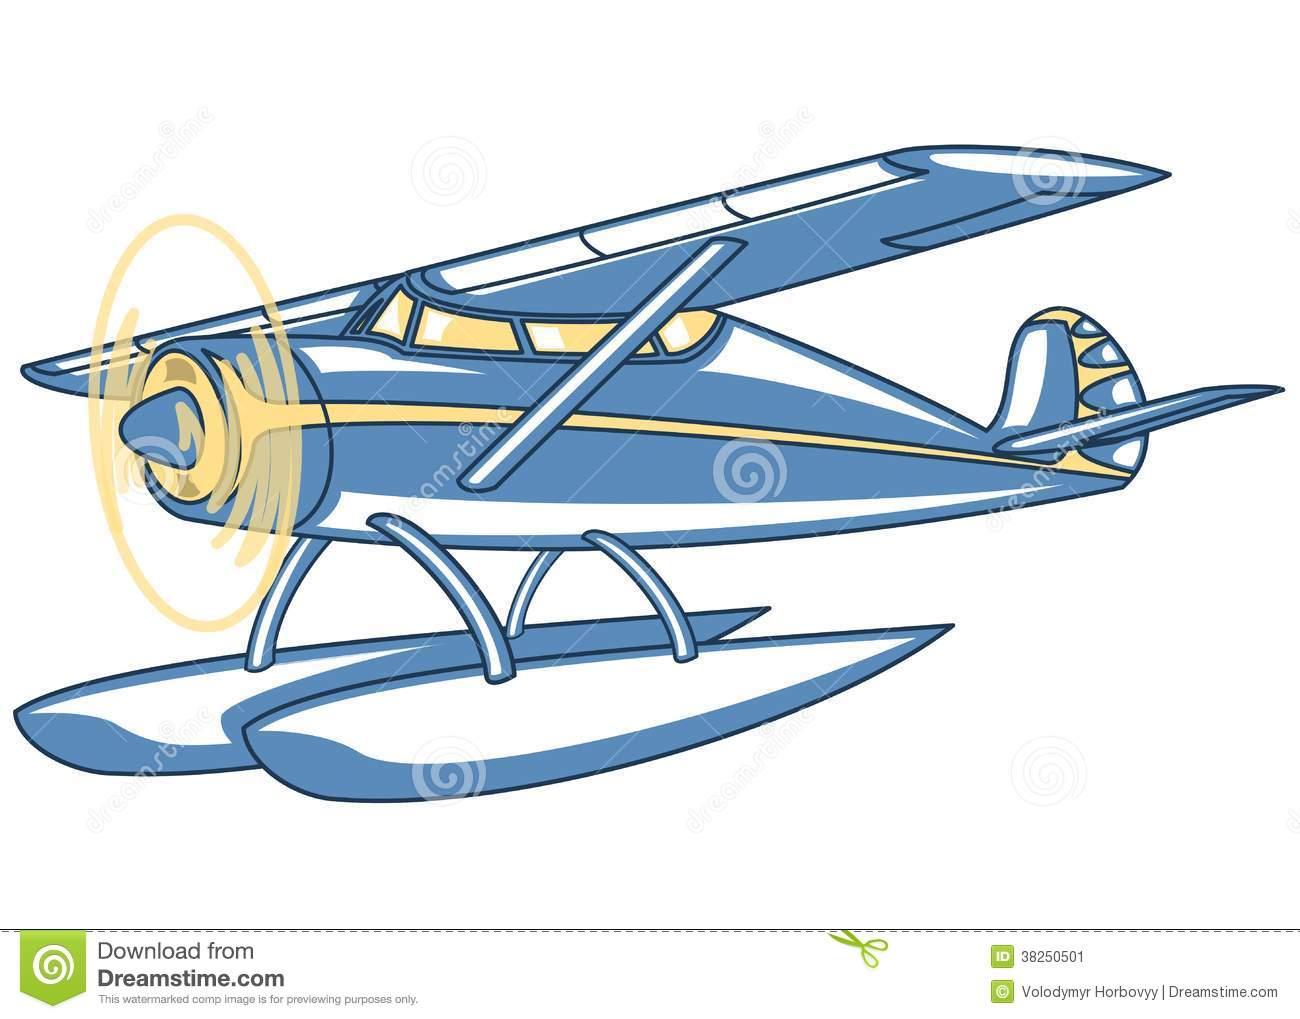 Float plane clip art.